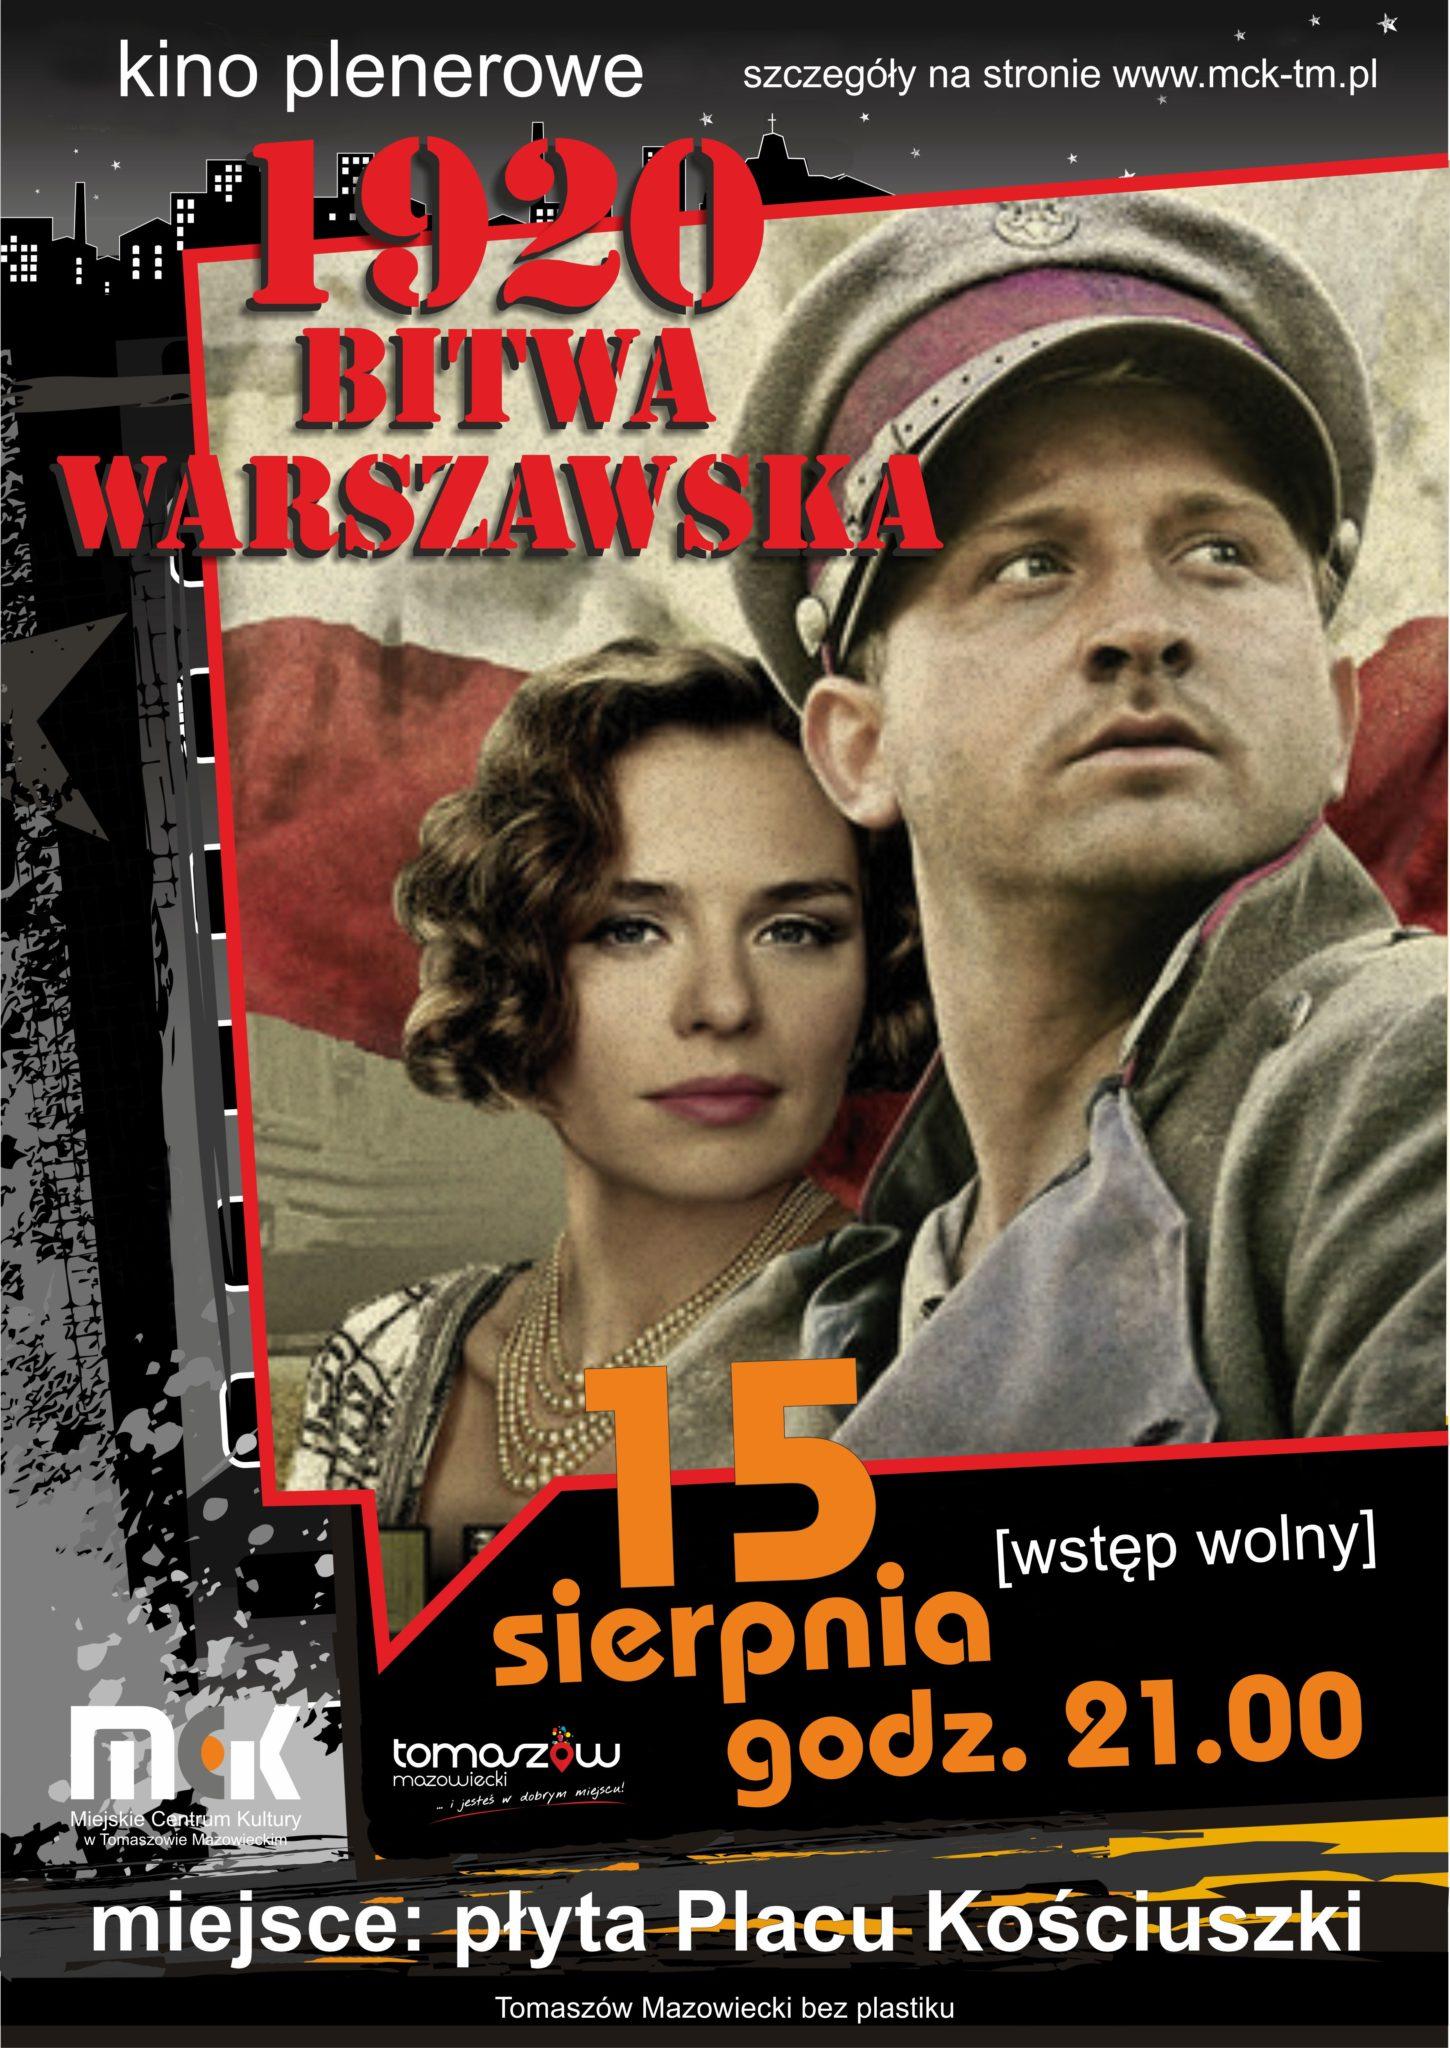 Kino plenerowe - 1920 Bitwa Warszawska